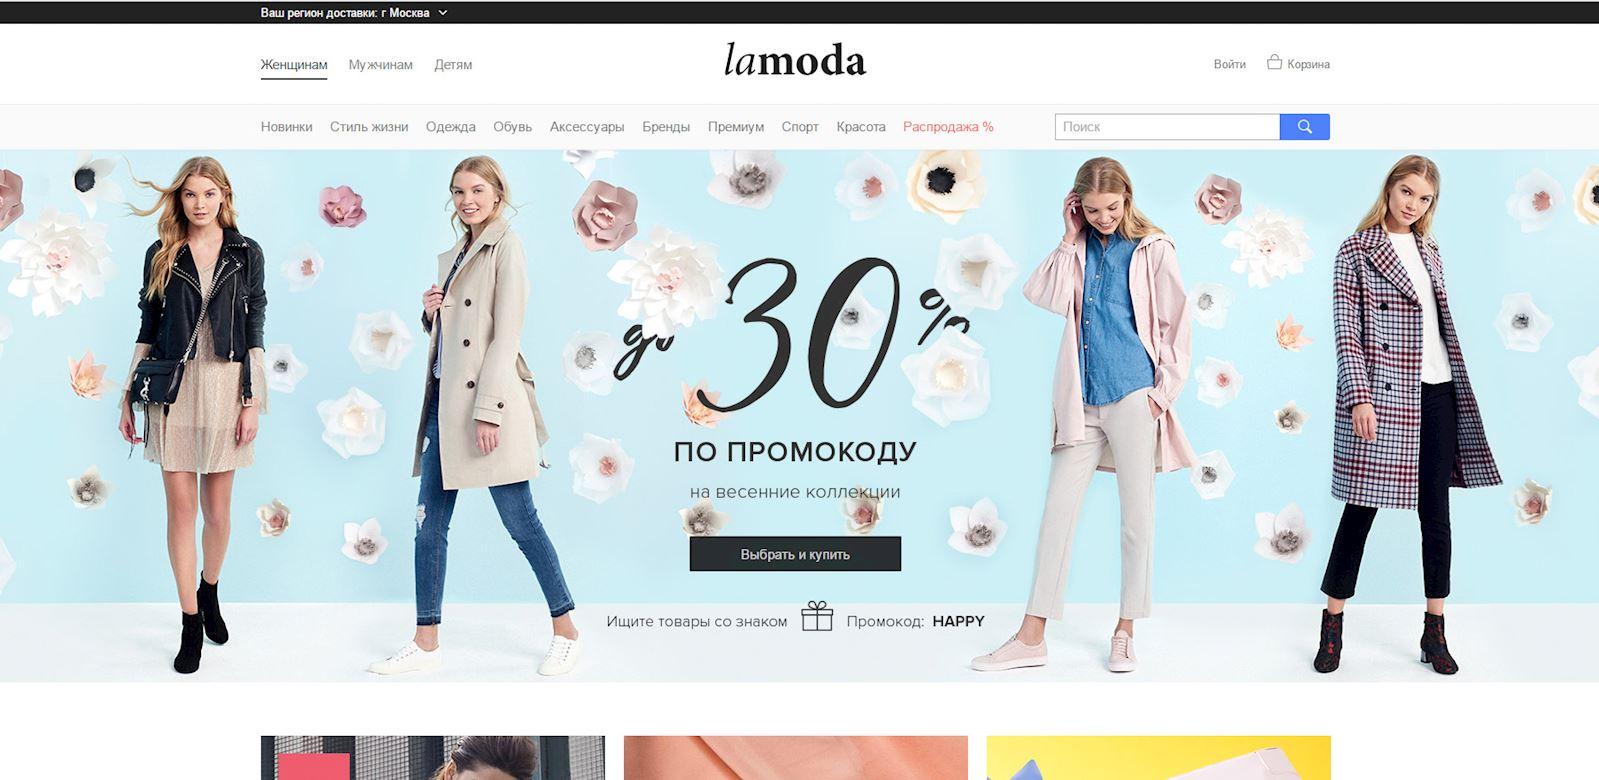 Картинки по запросу lamoda